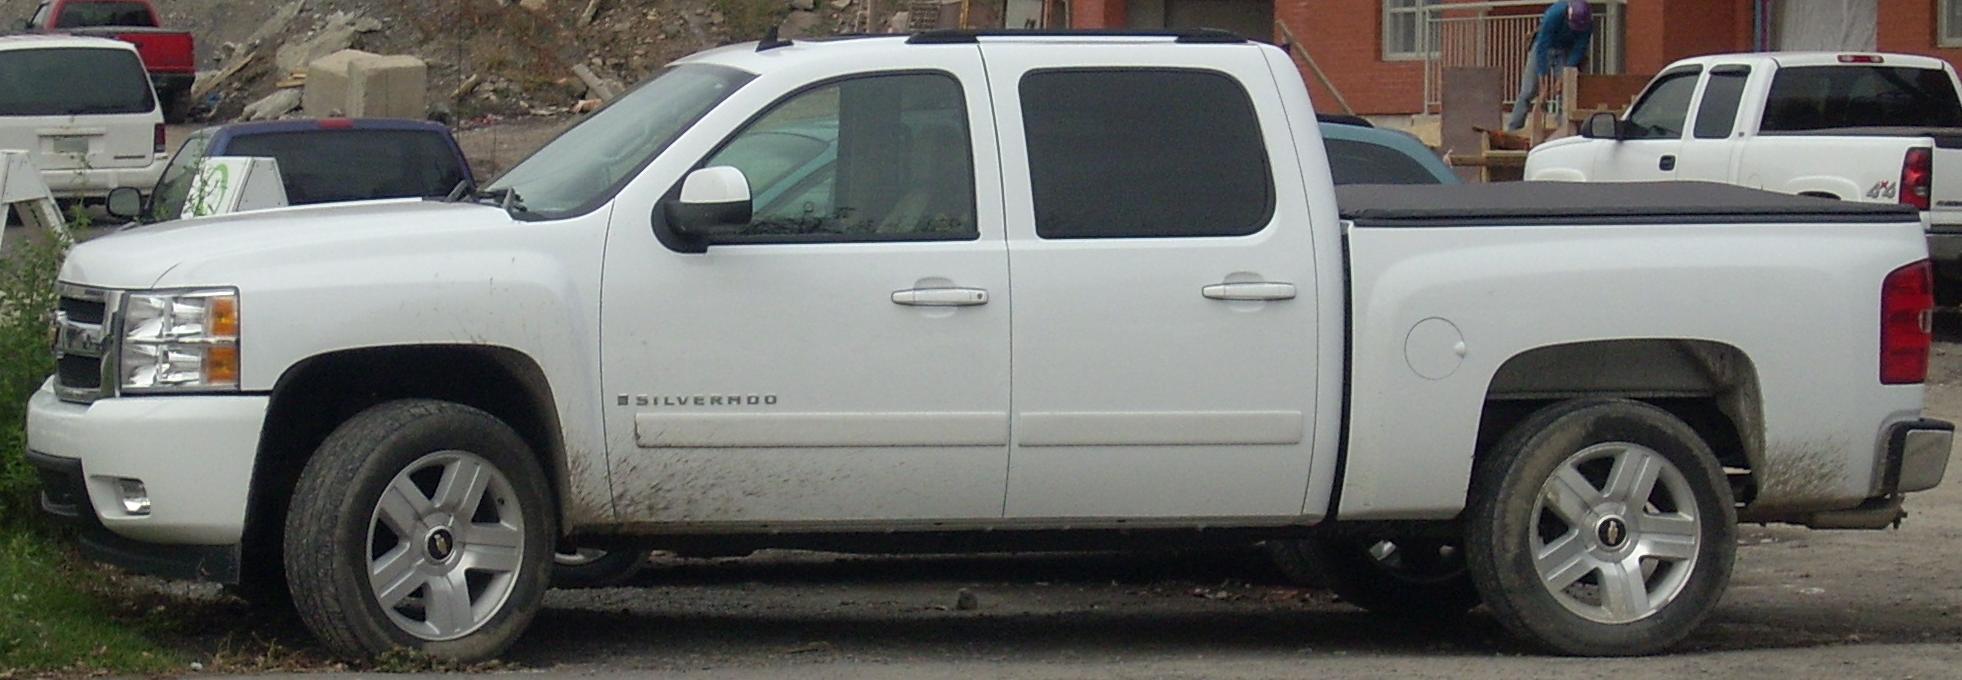 File:Chevrolet Silverado Crew Cab.jpg - Wikimedia Commons